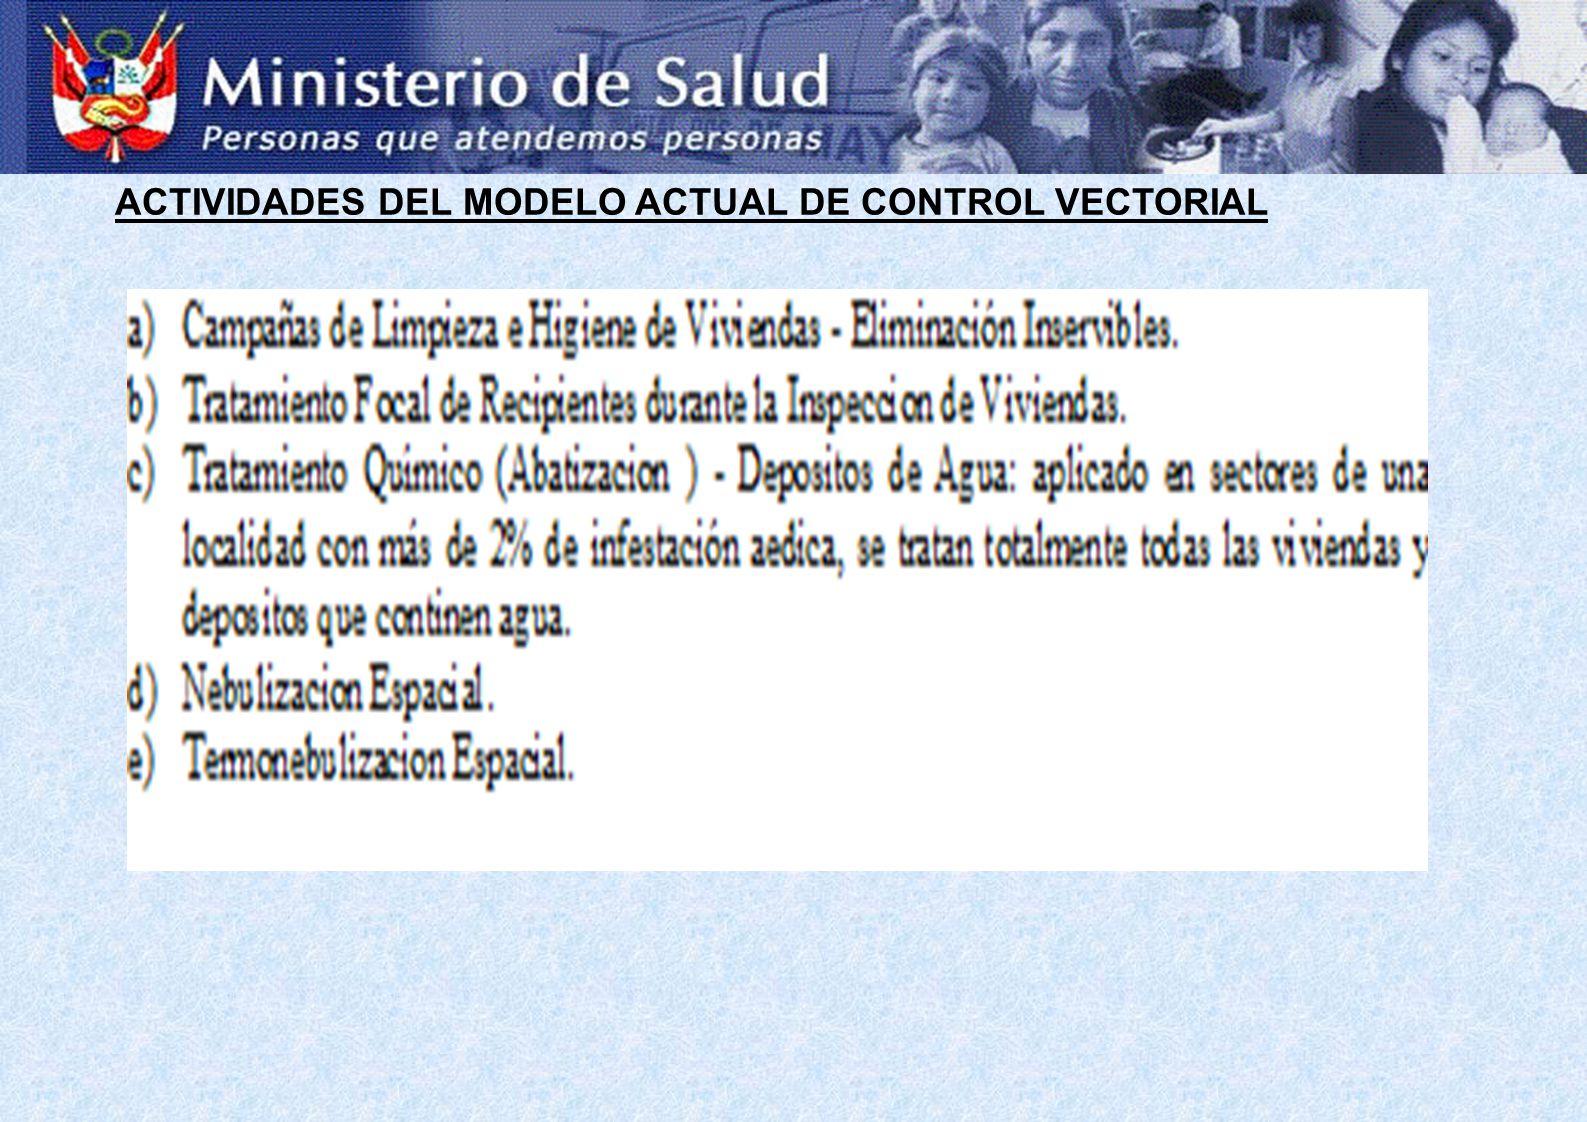 ACTIVIDADES DEL MODELO ACTUAL DE CONTROL VECTORIAL